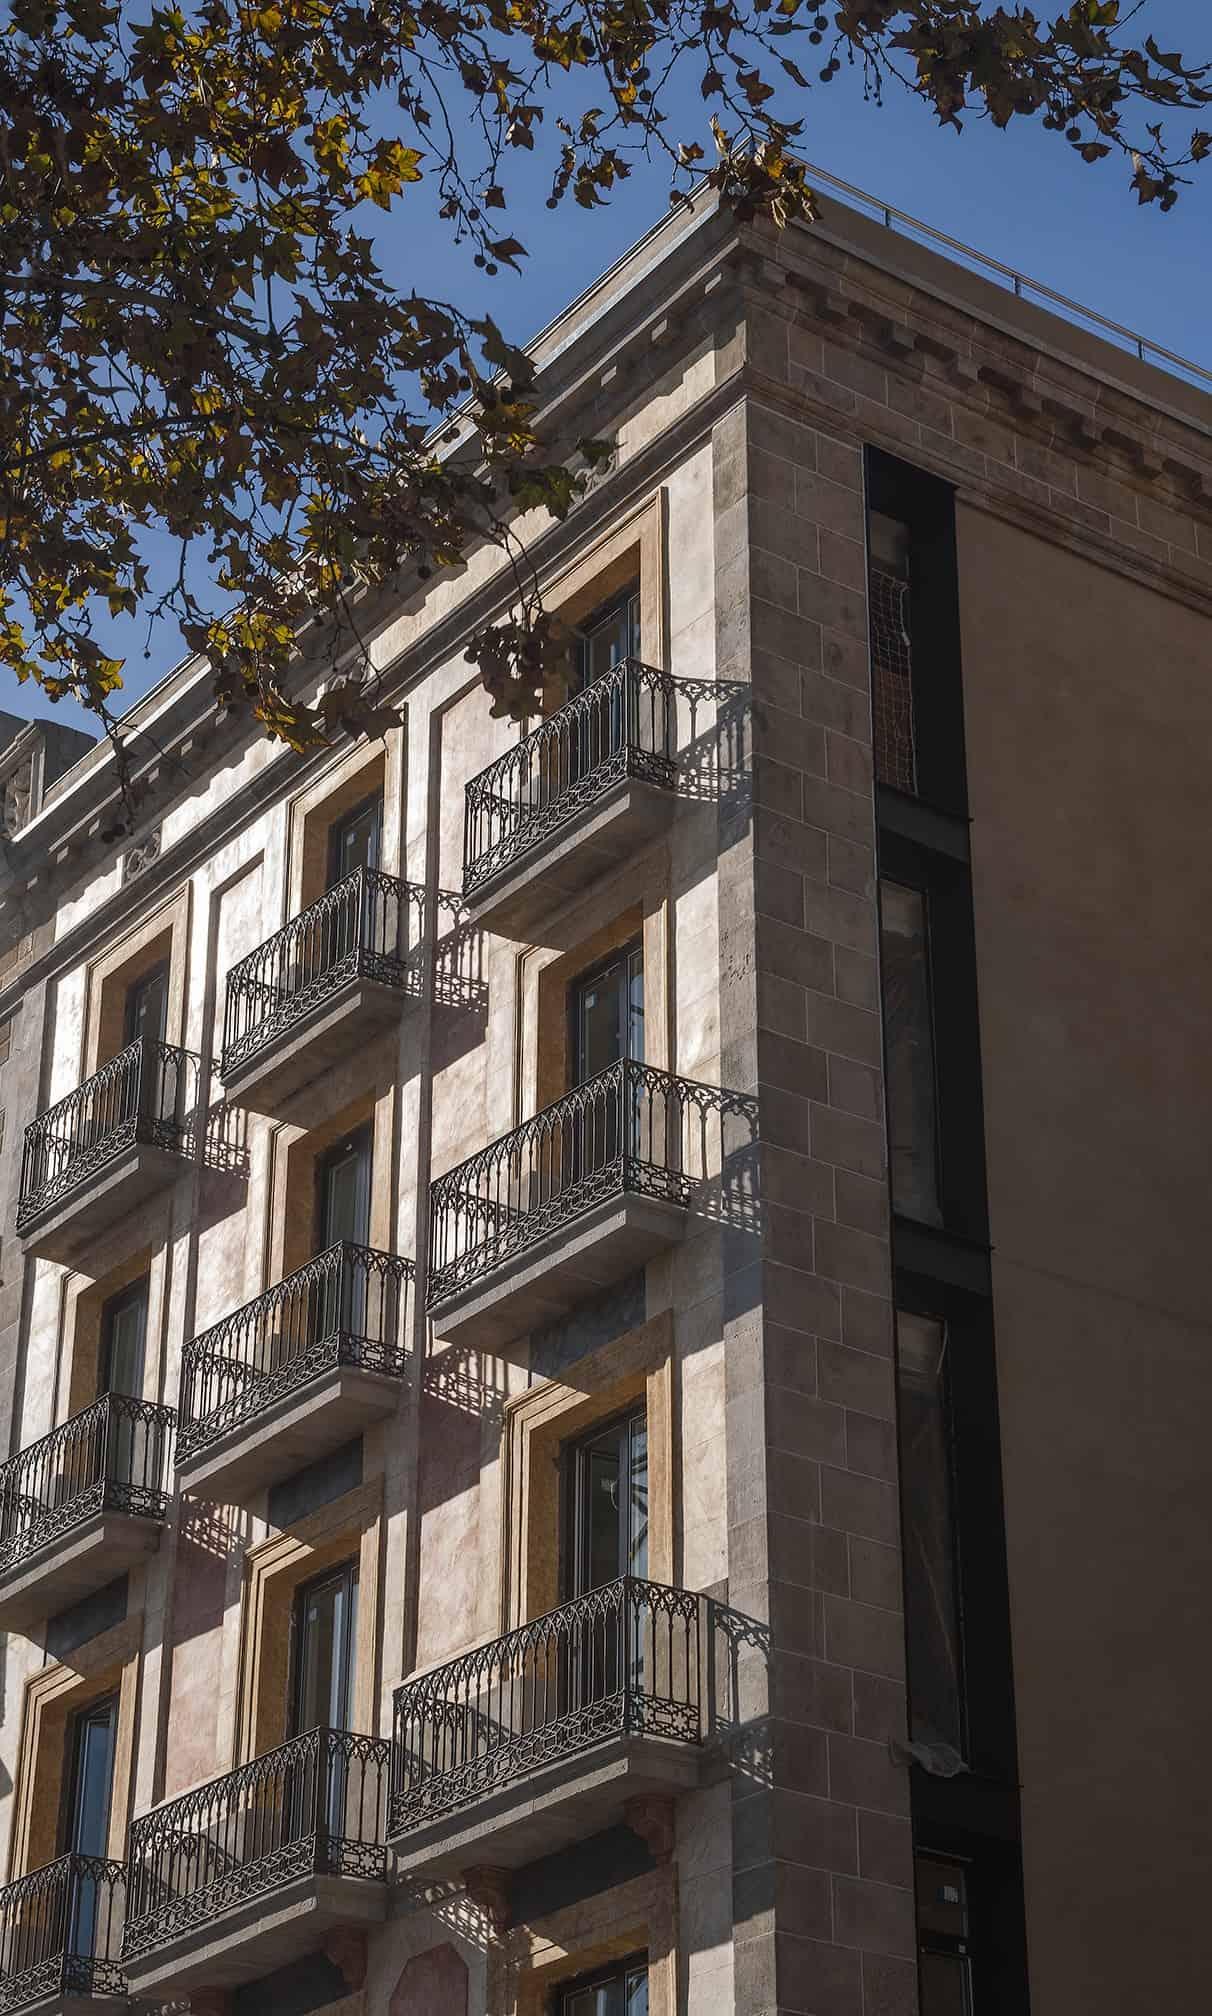 The Serras Hotel Exterior